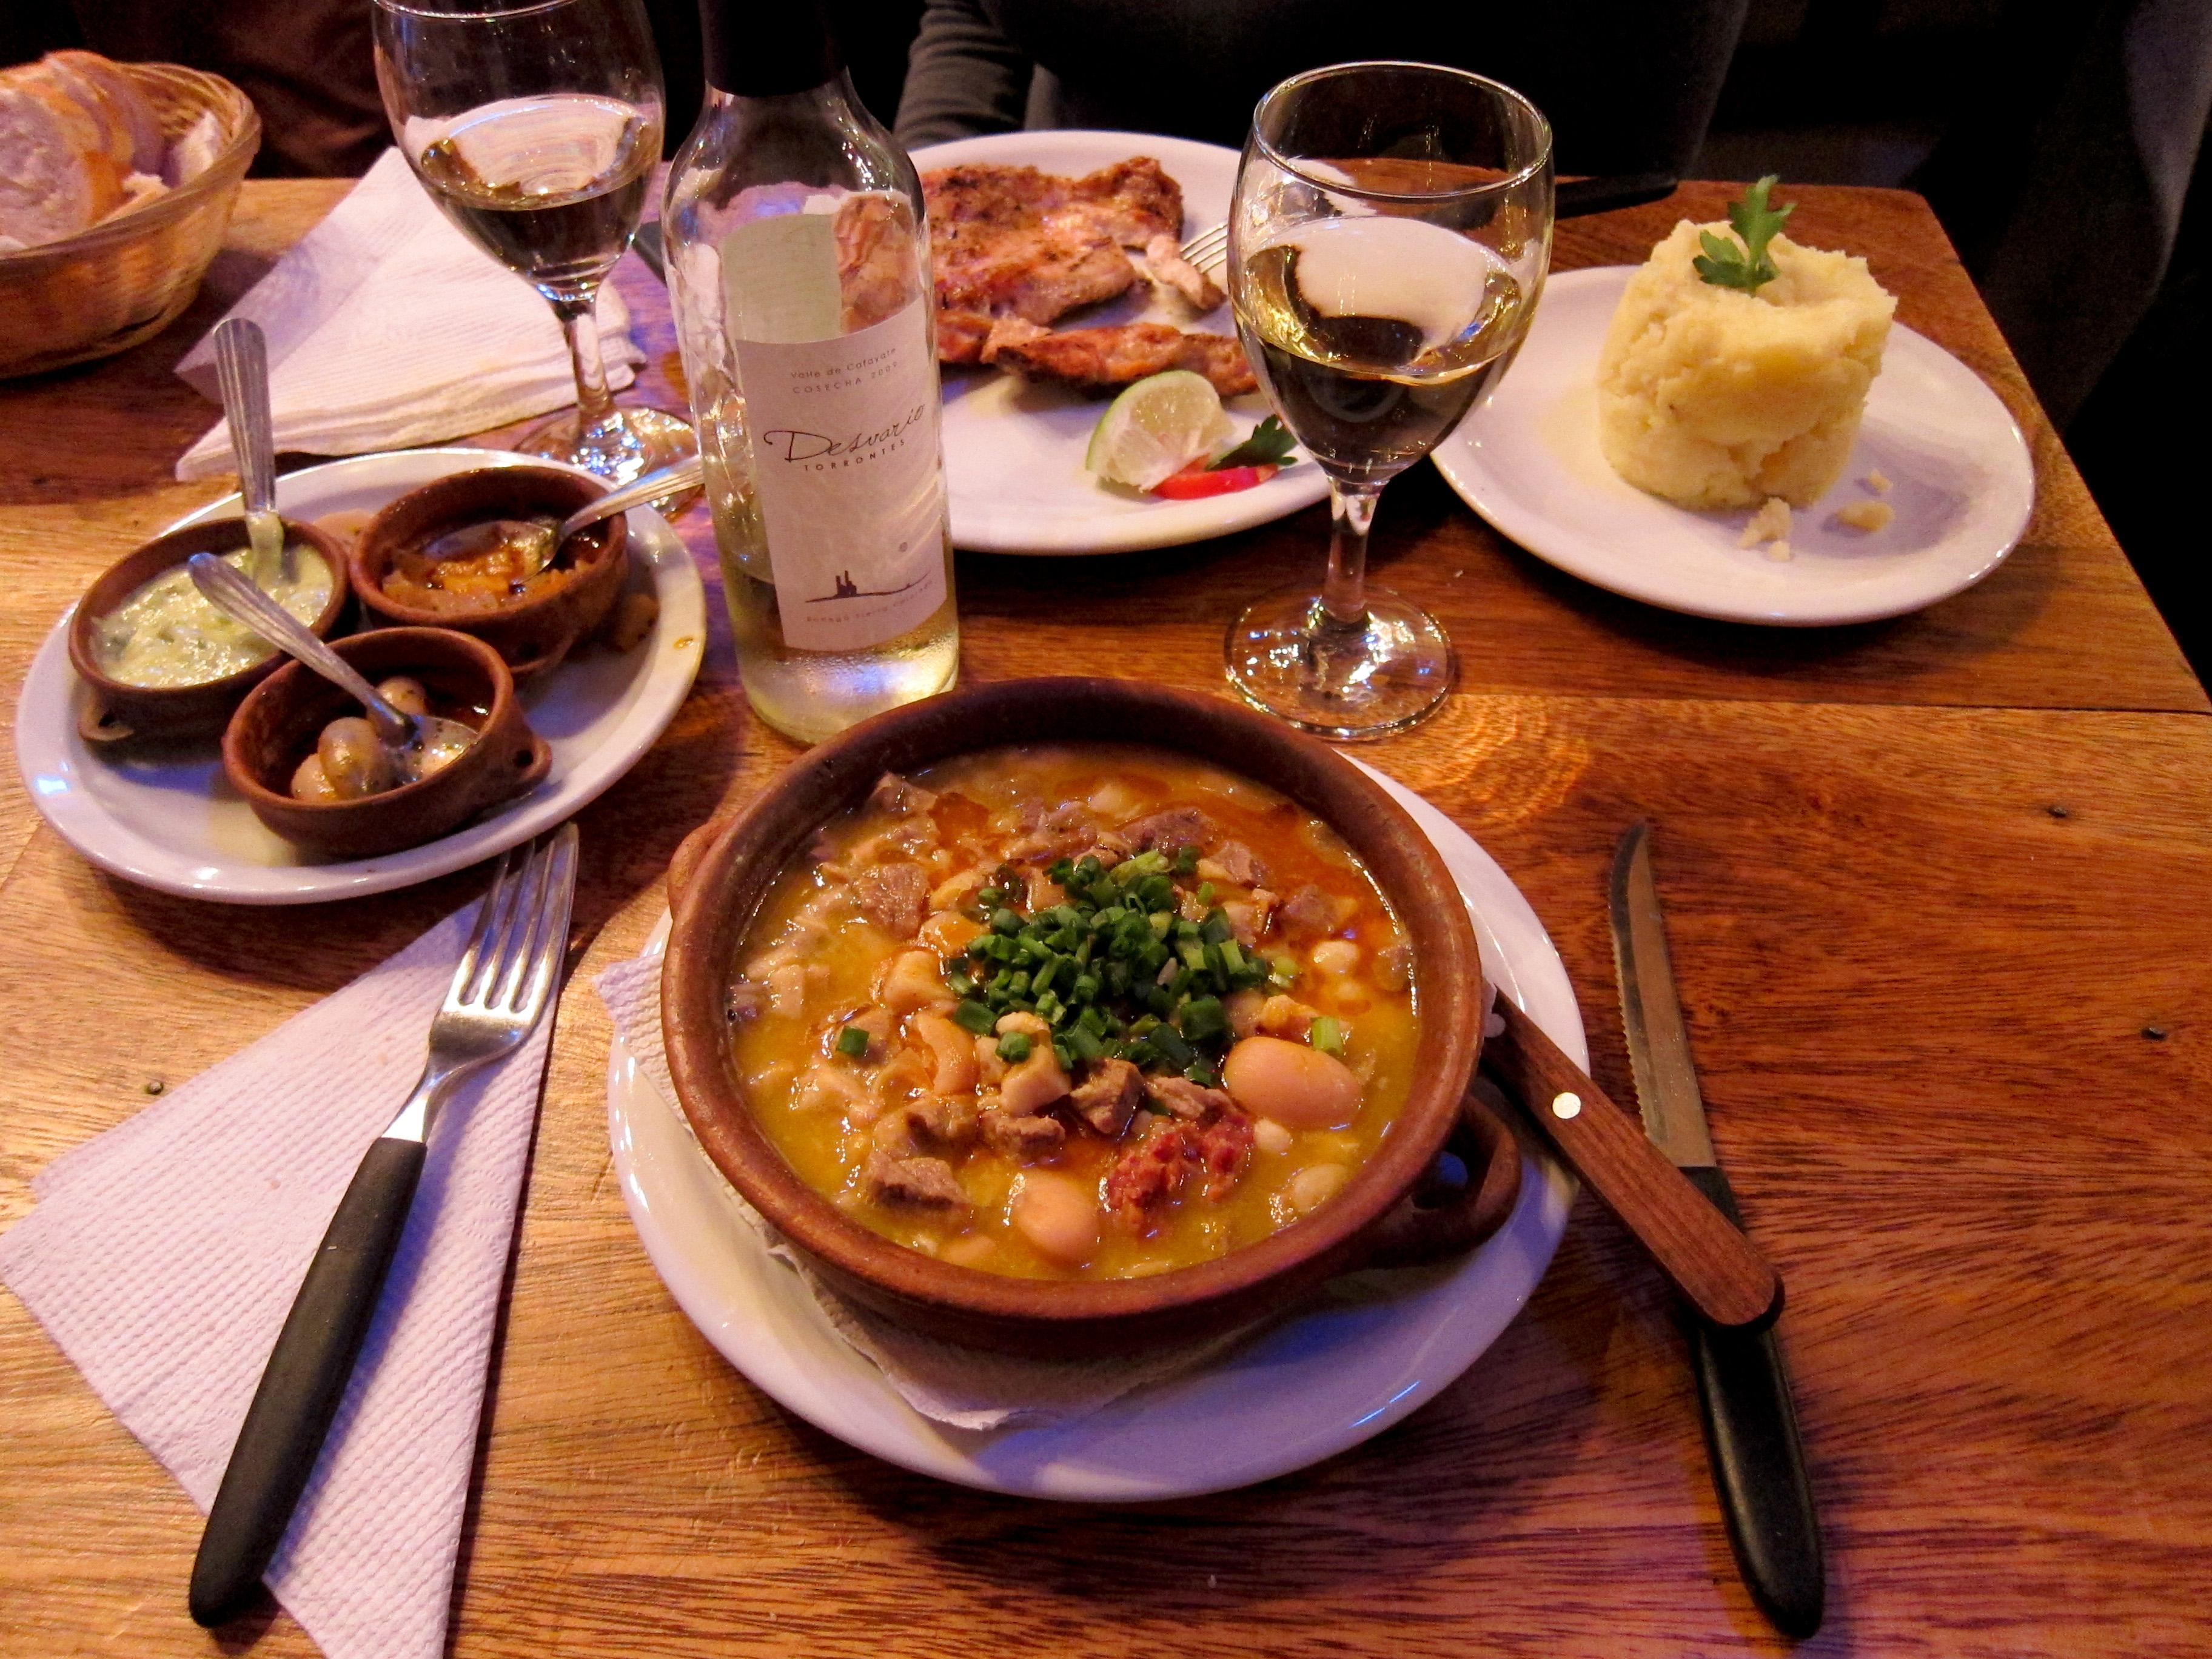 Le locro plat typique argentin cuisine plurielle - Recette de cuisine argentine ...